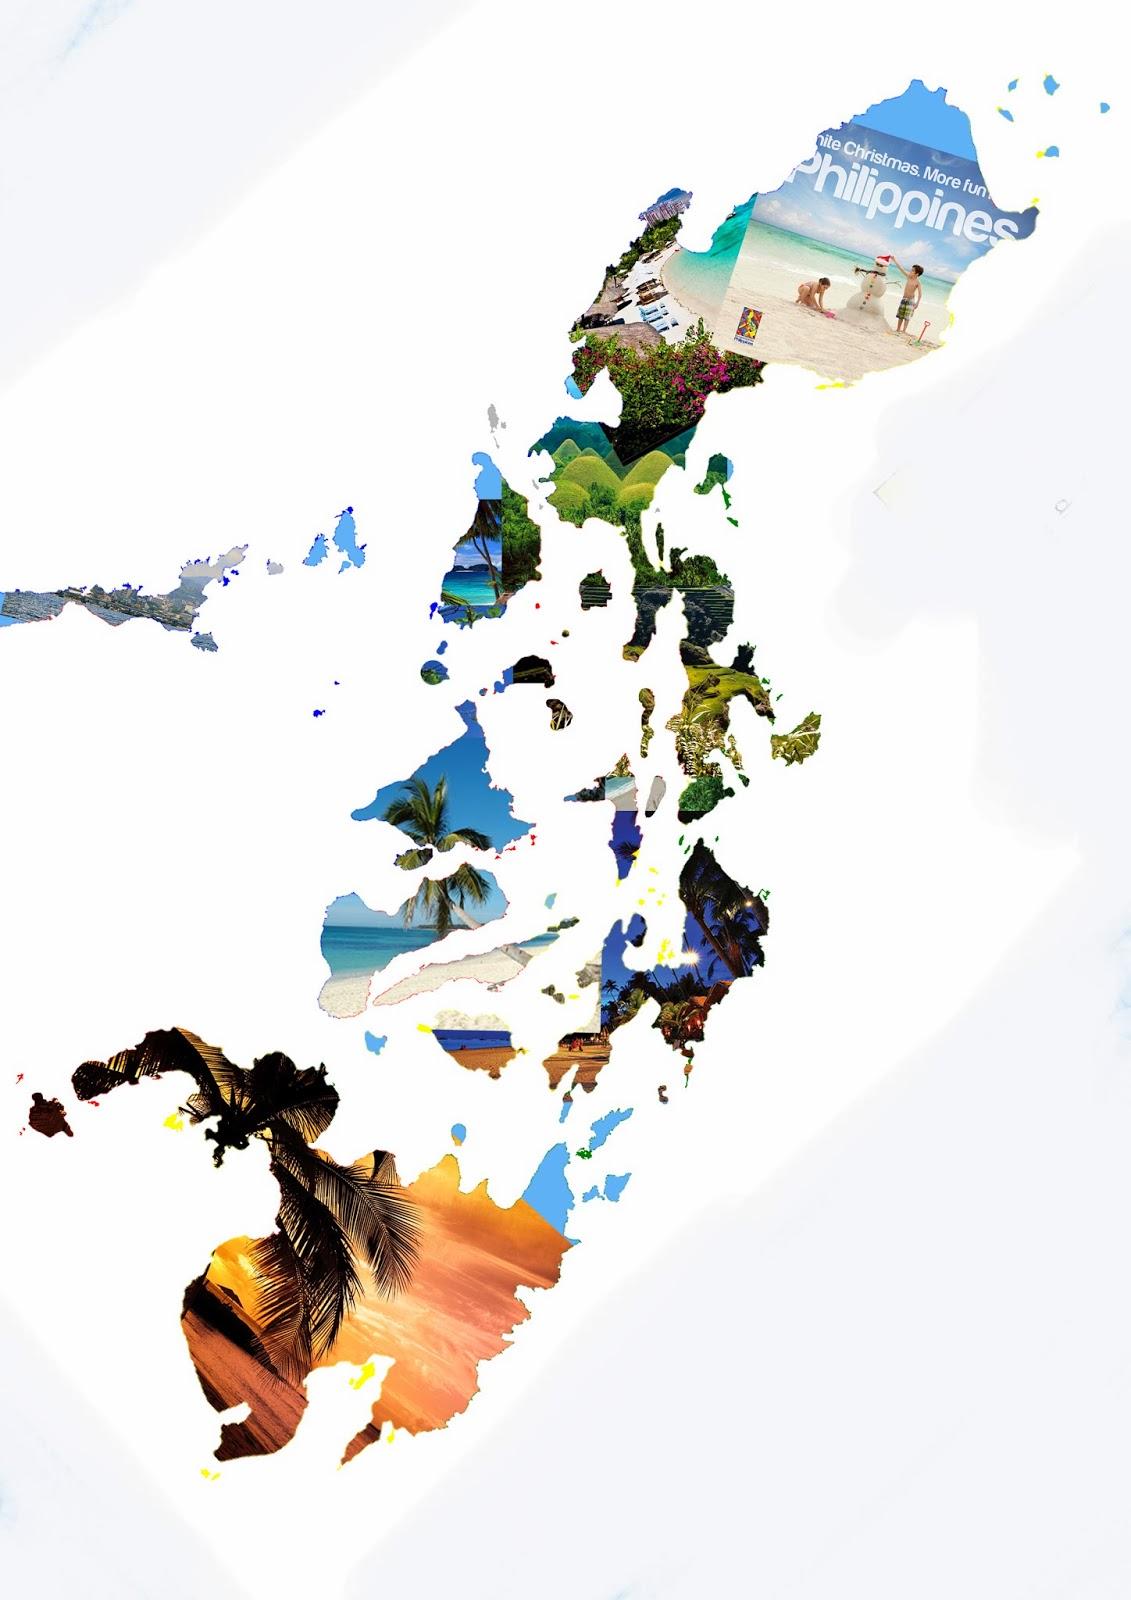 philippinene kart Eiryll .T   Trykk og Foto: Kollasj av Philippinene philippinene kart